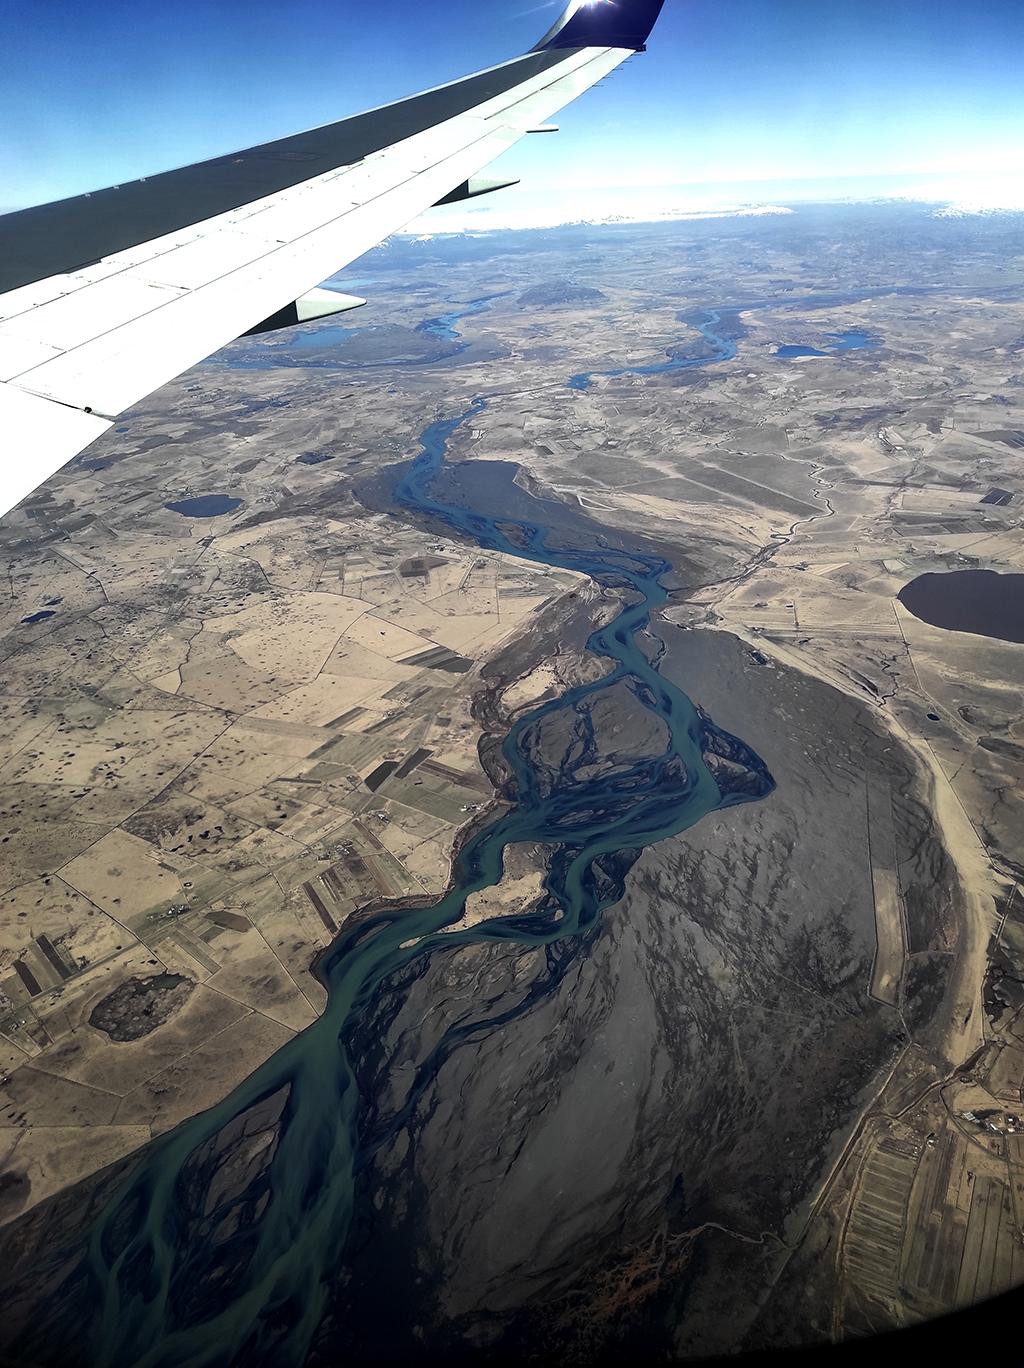 Potovanje_na_Islandijo_-_Travel_to_Iceland_-_Malo_se_in_pristanemo_na_Islandiji.jpg